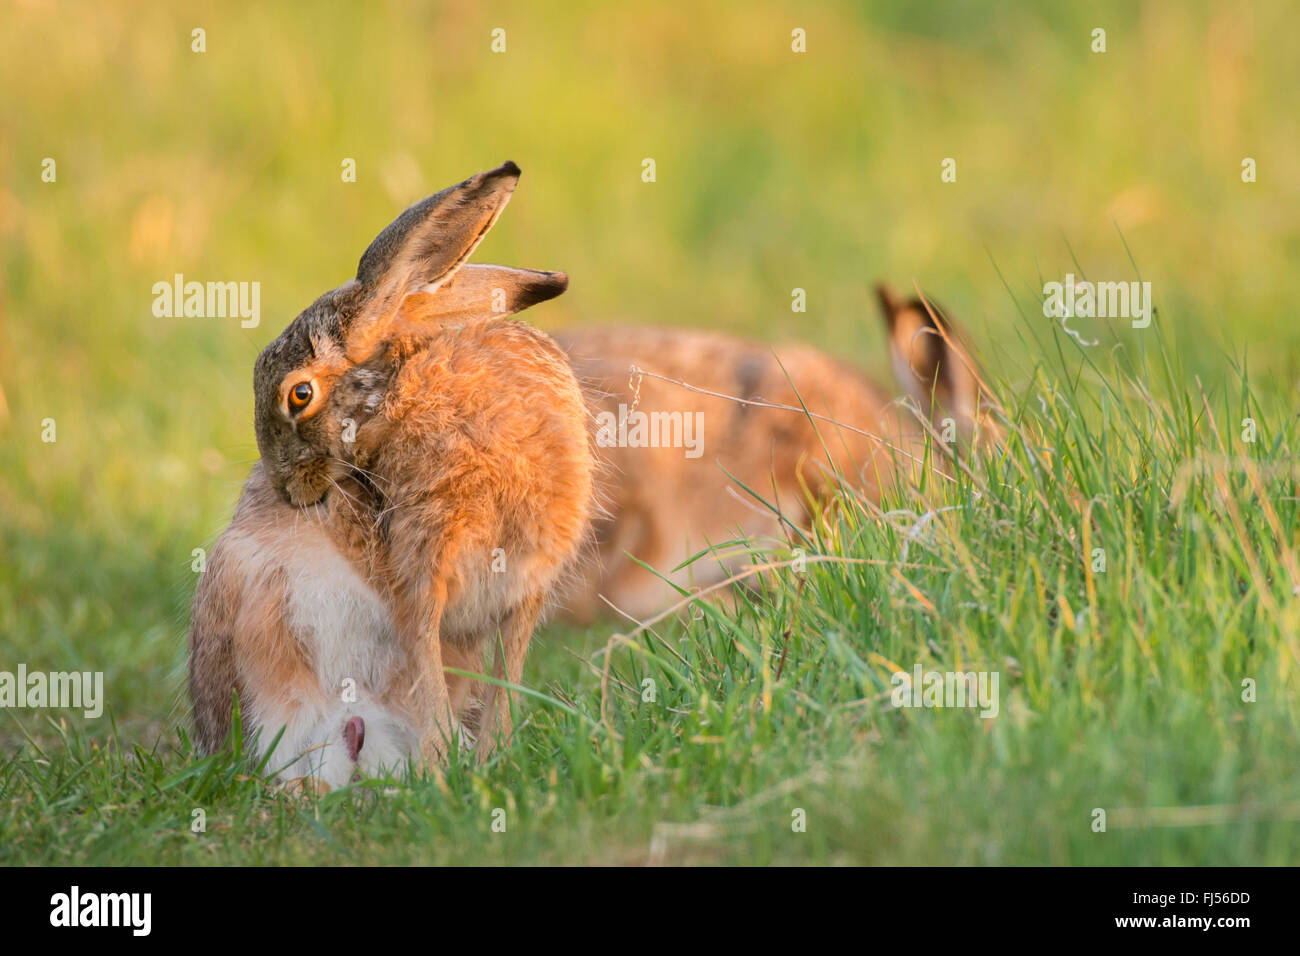 Lièvre européen, lièvre Brun (Lepus europaeus), prend soin de sa fourrure, de l'Allemagne, Brandebourg Photo Stock